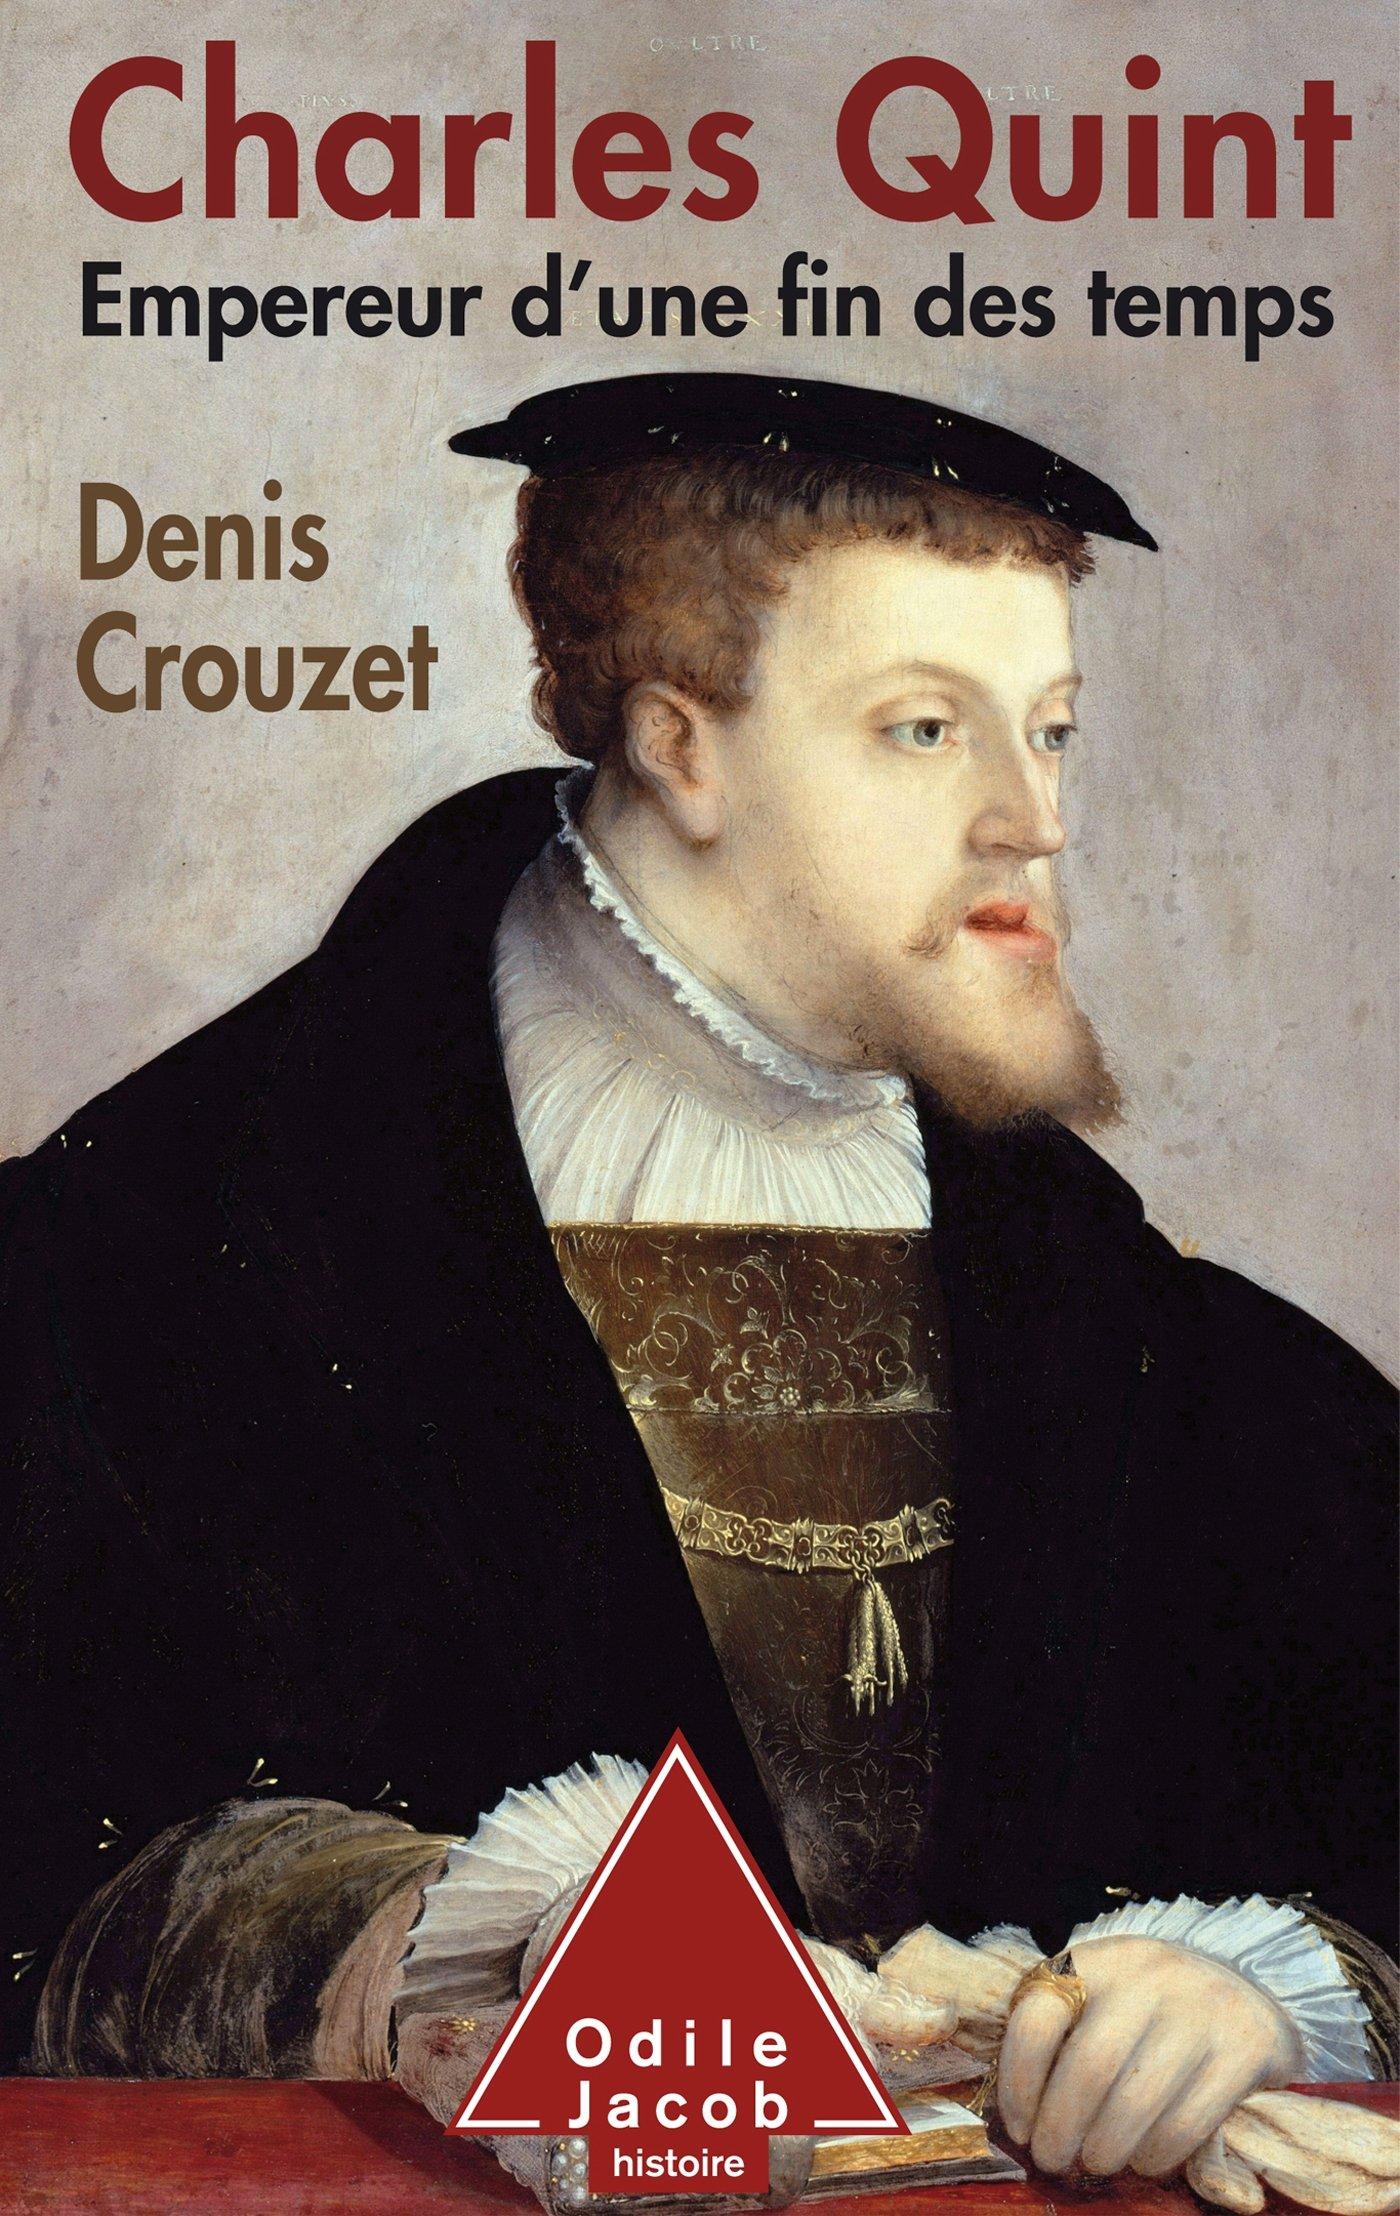 Charles Quint Le Renoncement Au Pouvoir Oj Histoire French Edition Crouzet Denis 9782738134585 Amazon Com Books